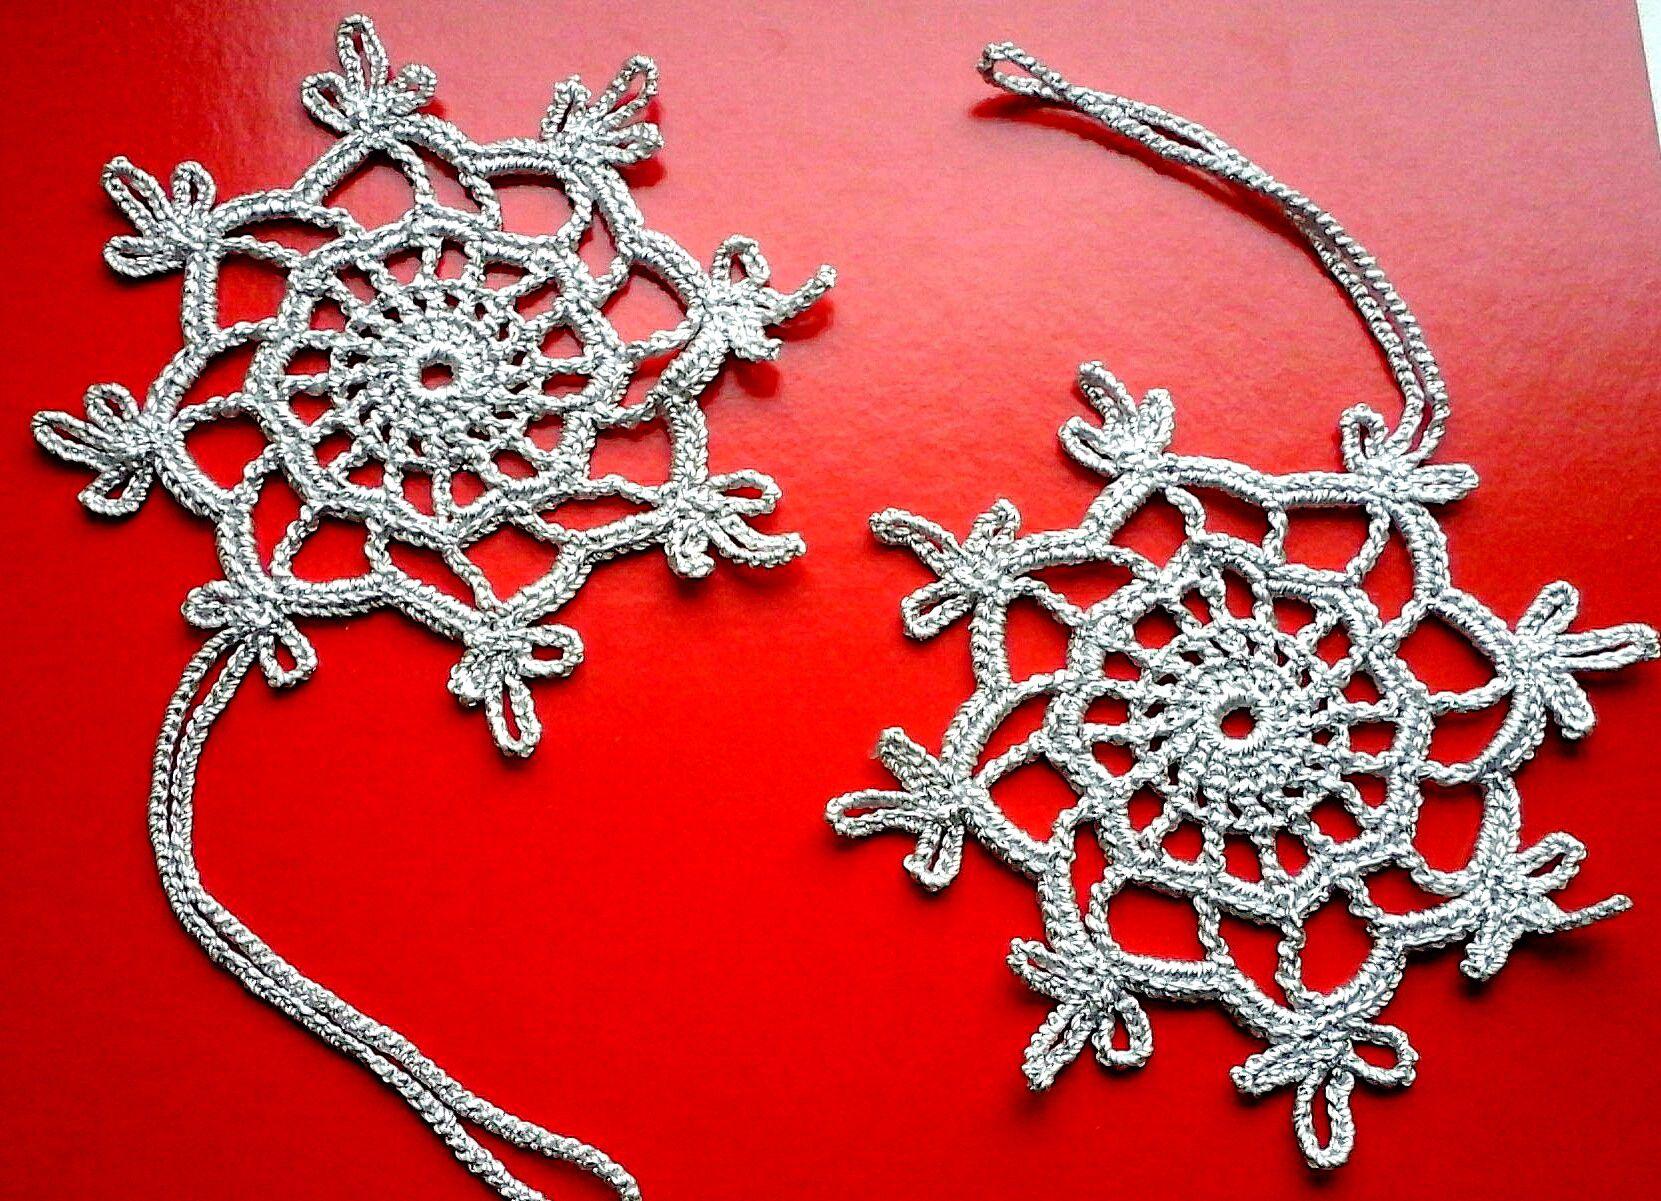 подарки елку снежинки праздник украшение новыйгод ручная работа вязаные